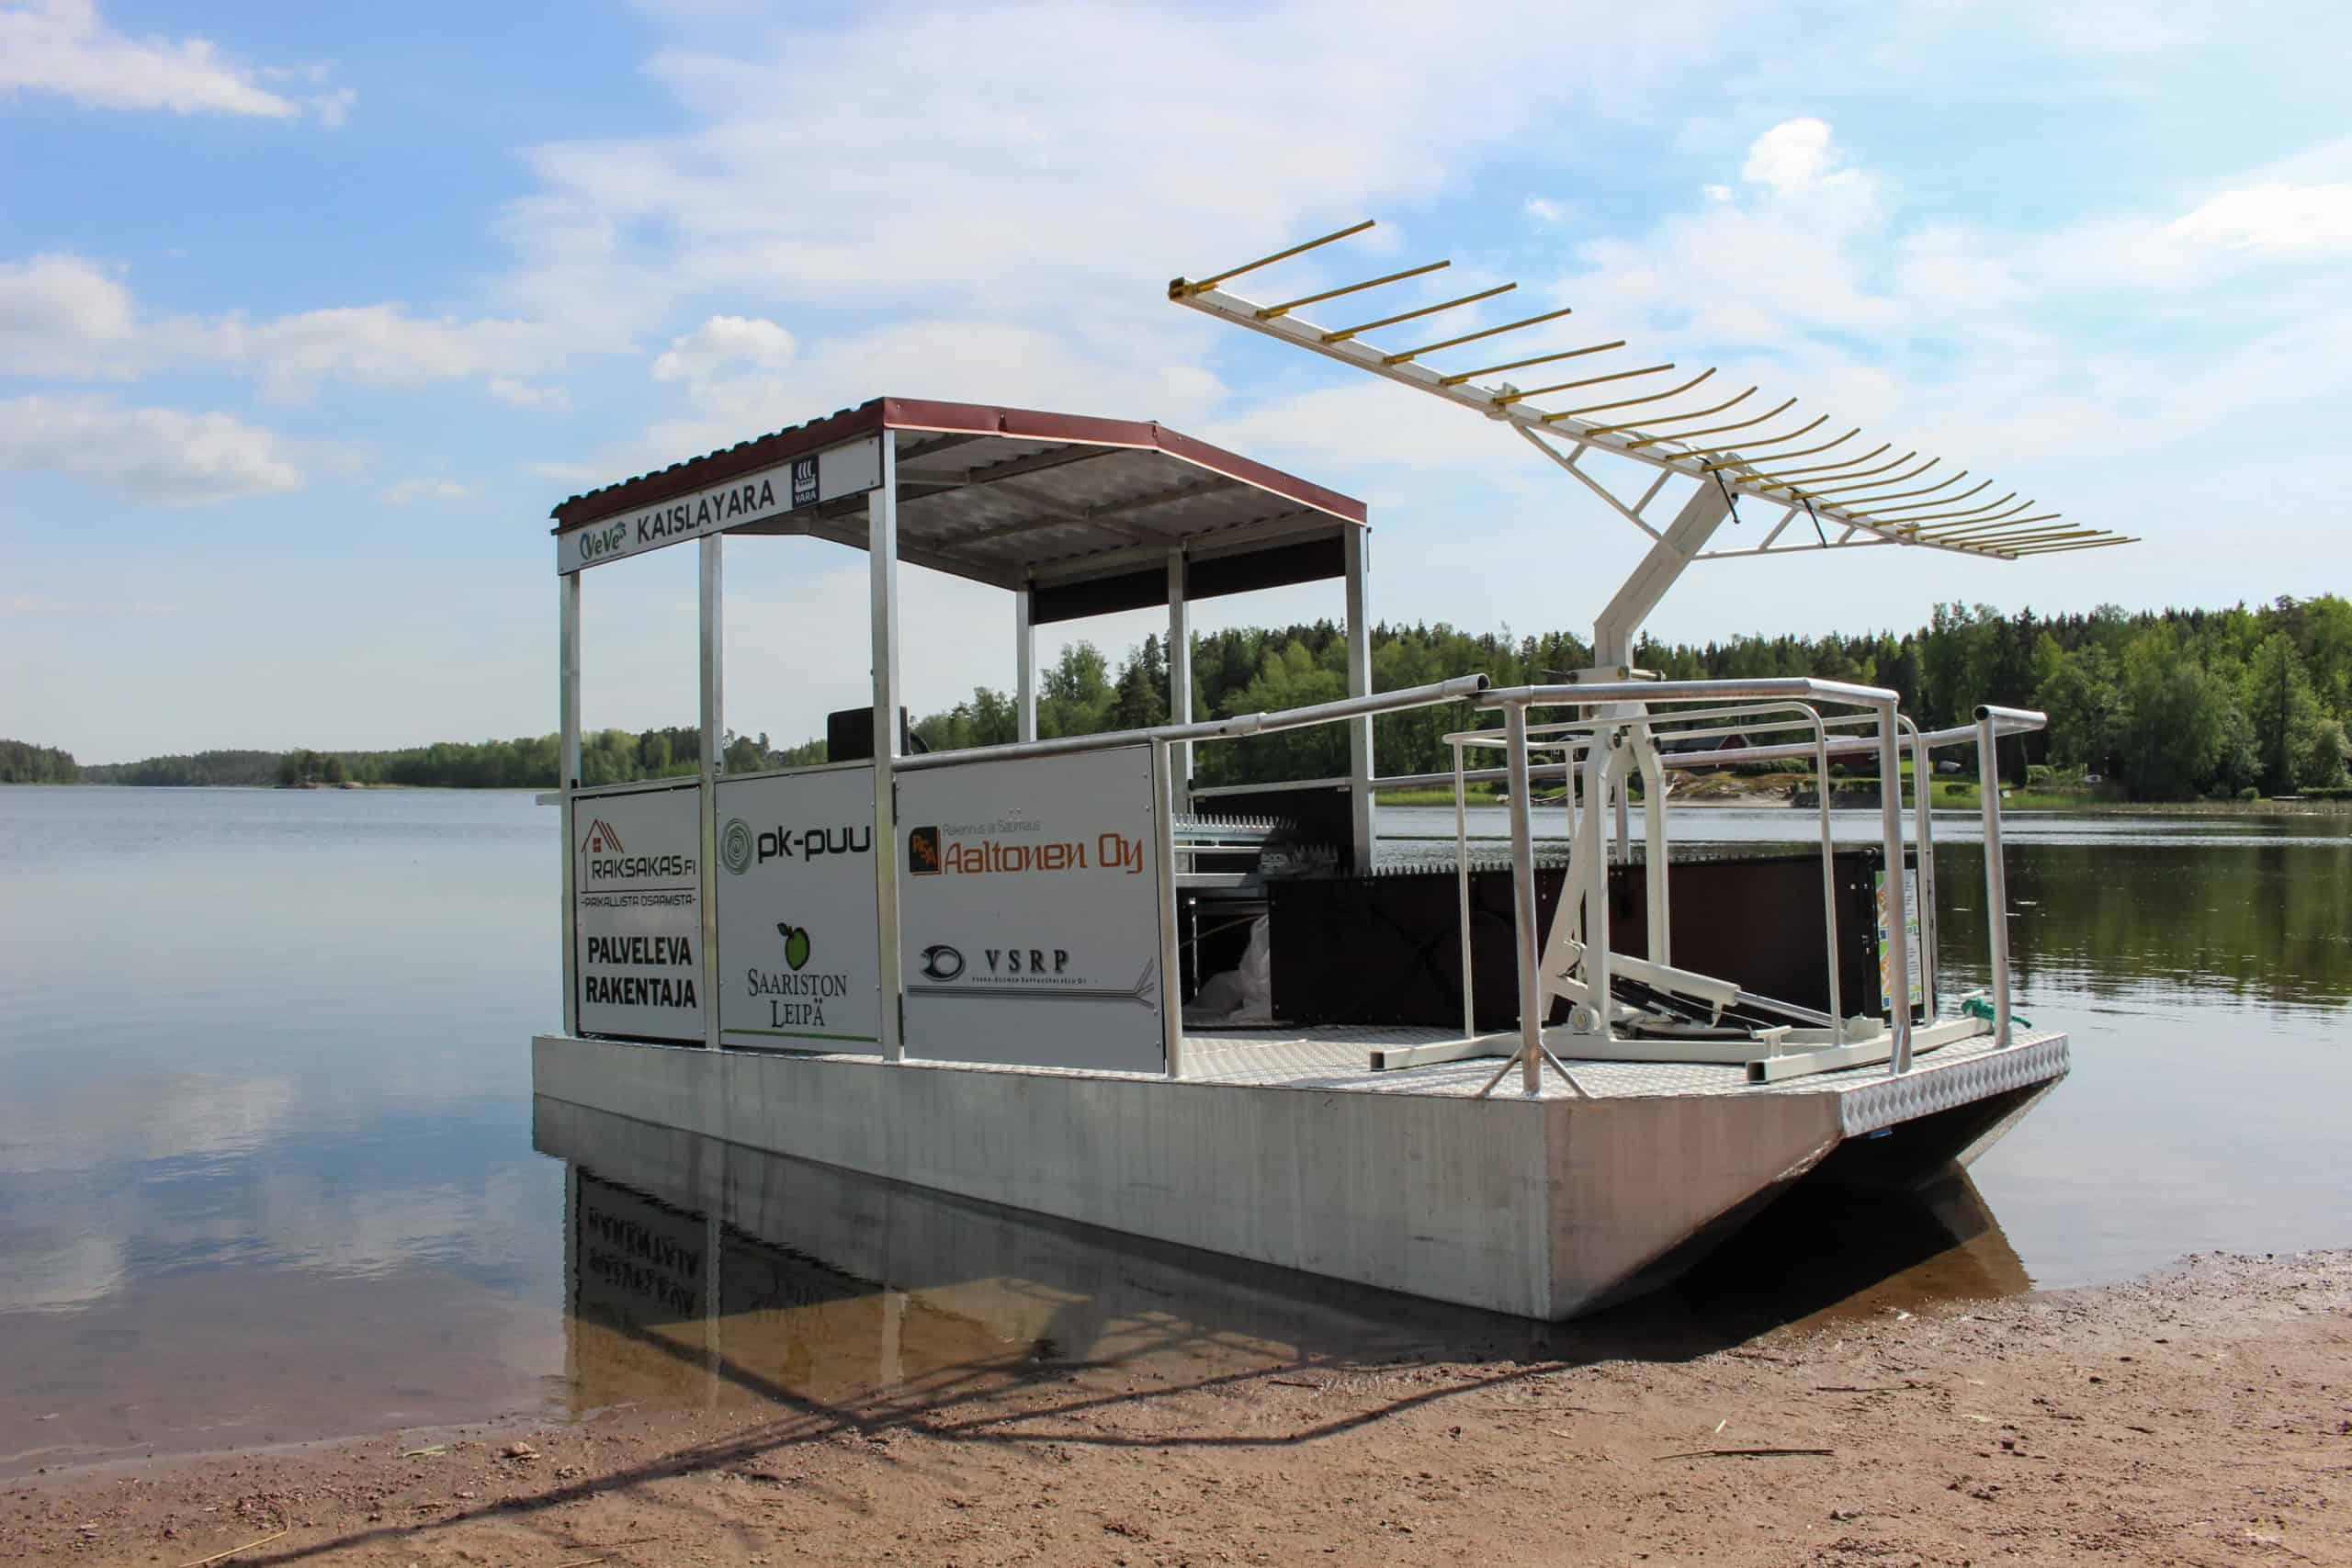 Vesistönhoitoalus KaislaYara järven rannassa.